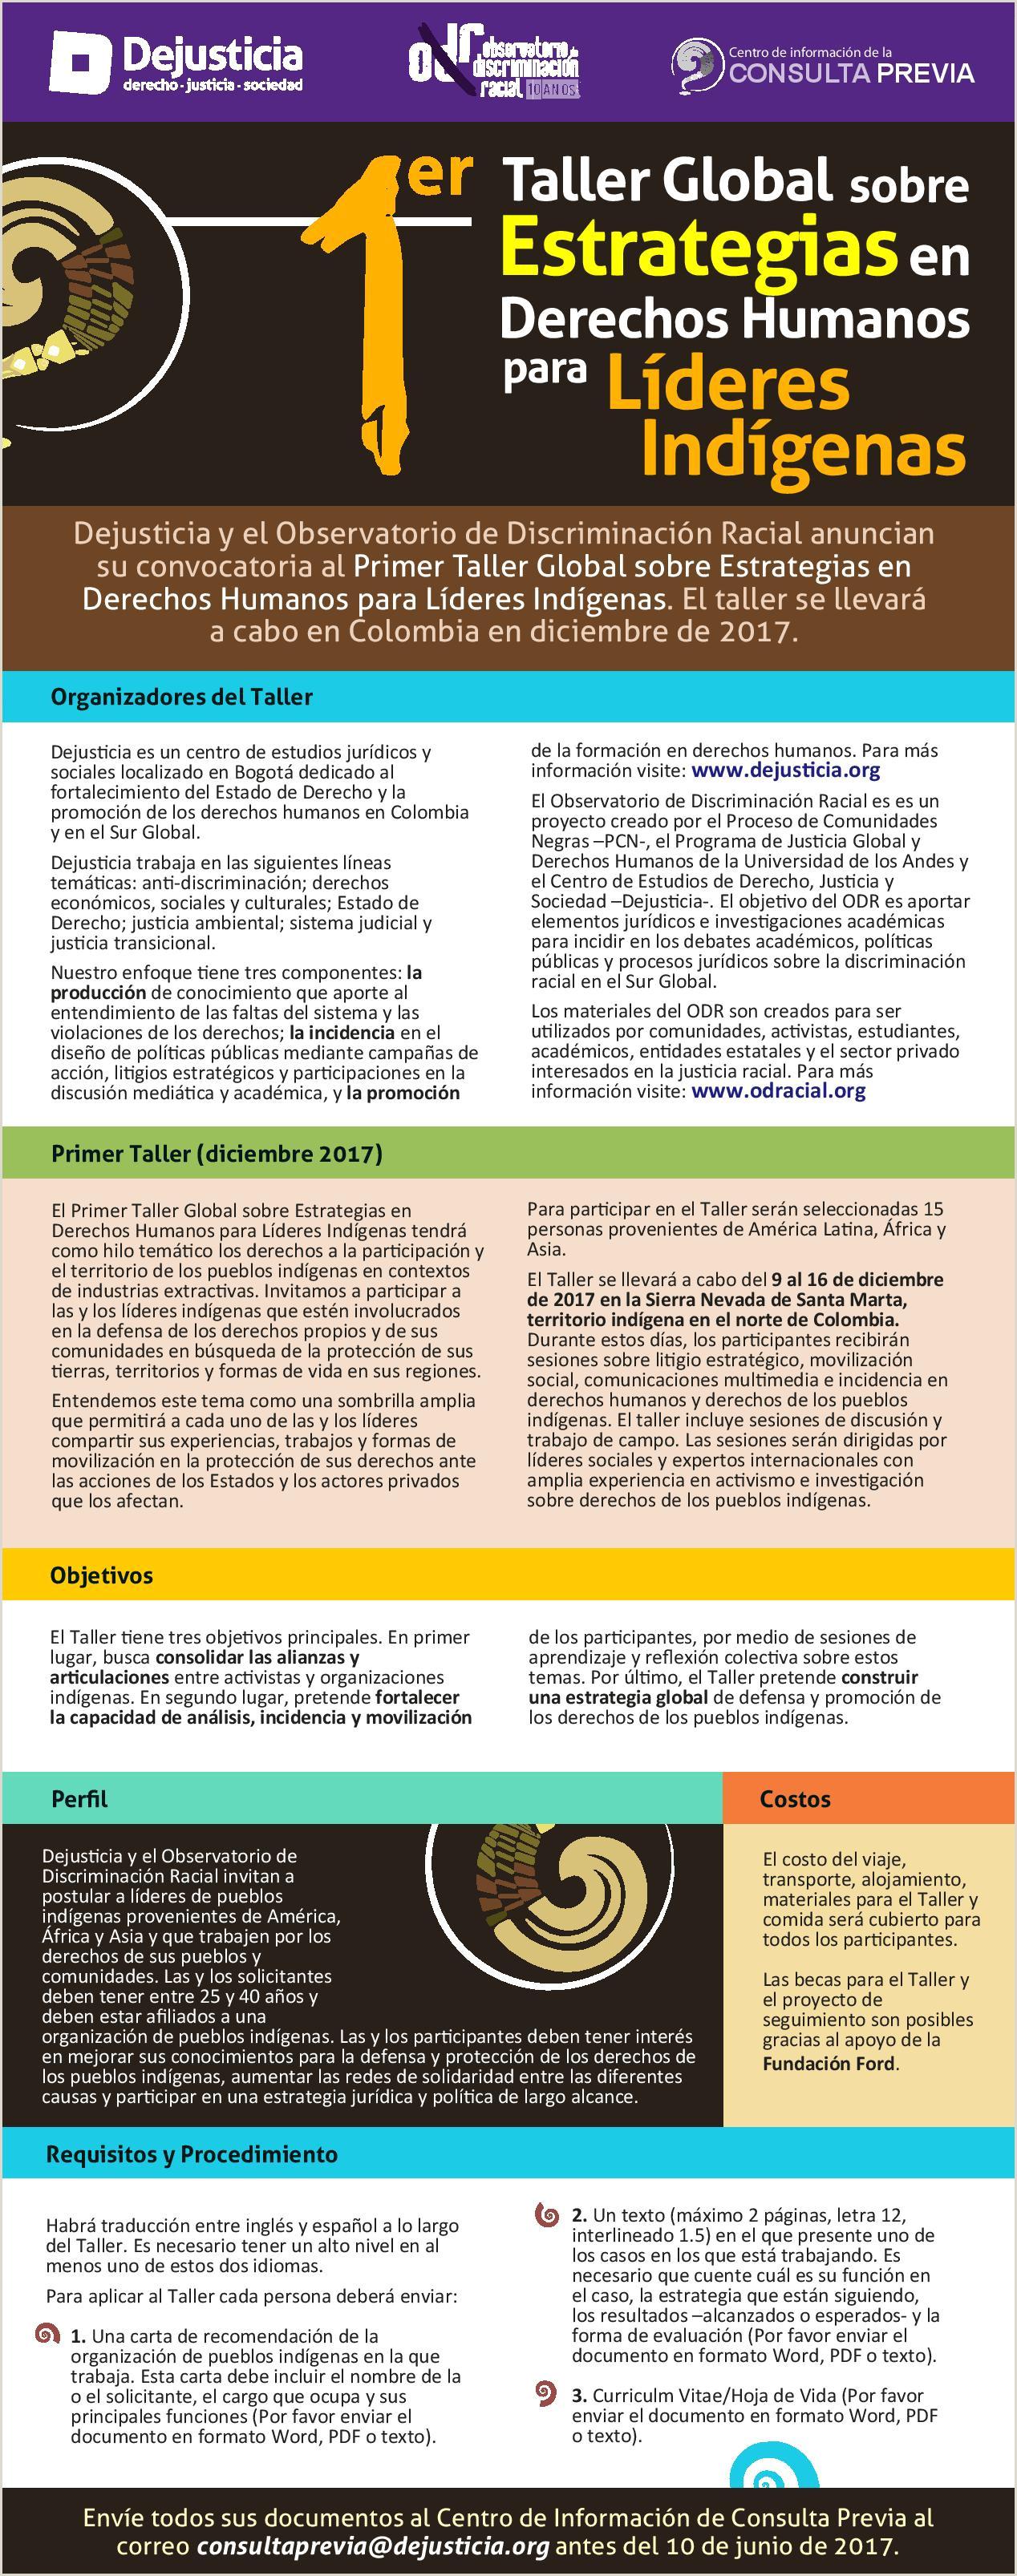 Formato De Hoja De Vida 2018 Colombia Observatorio De Discriminaci³n Racial Odr